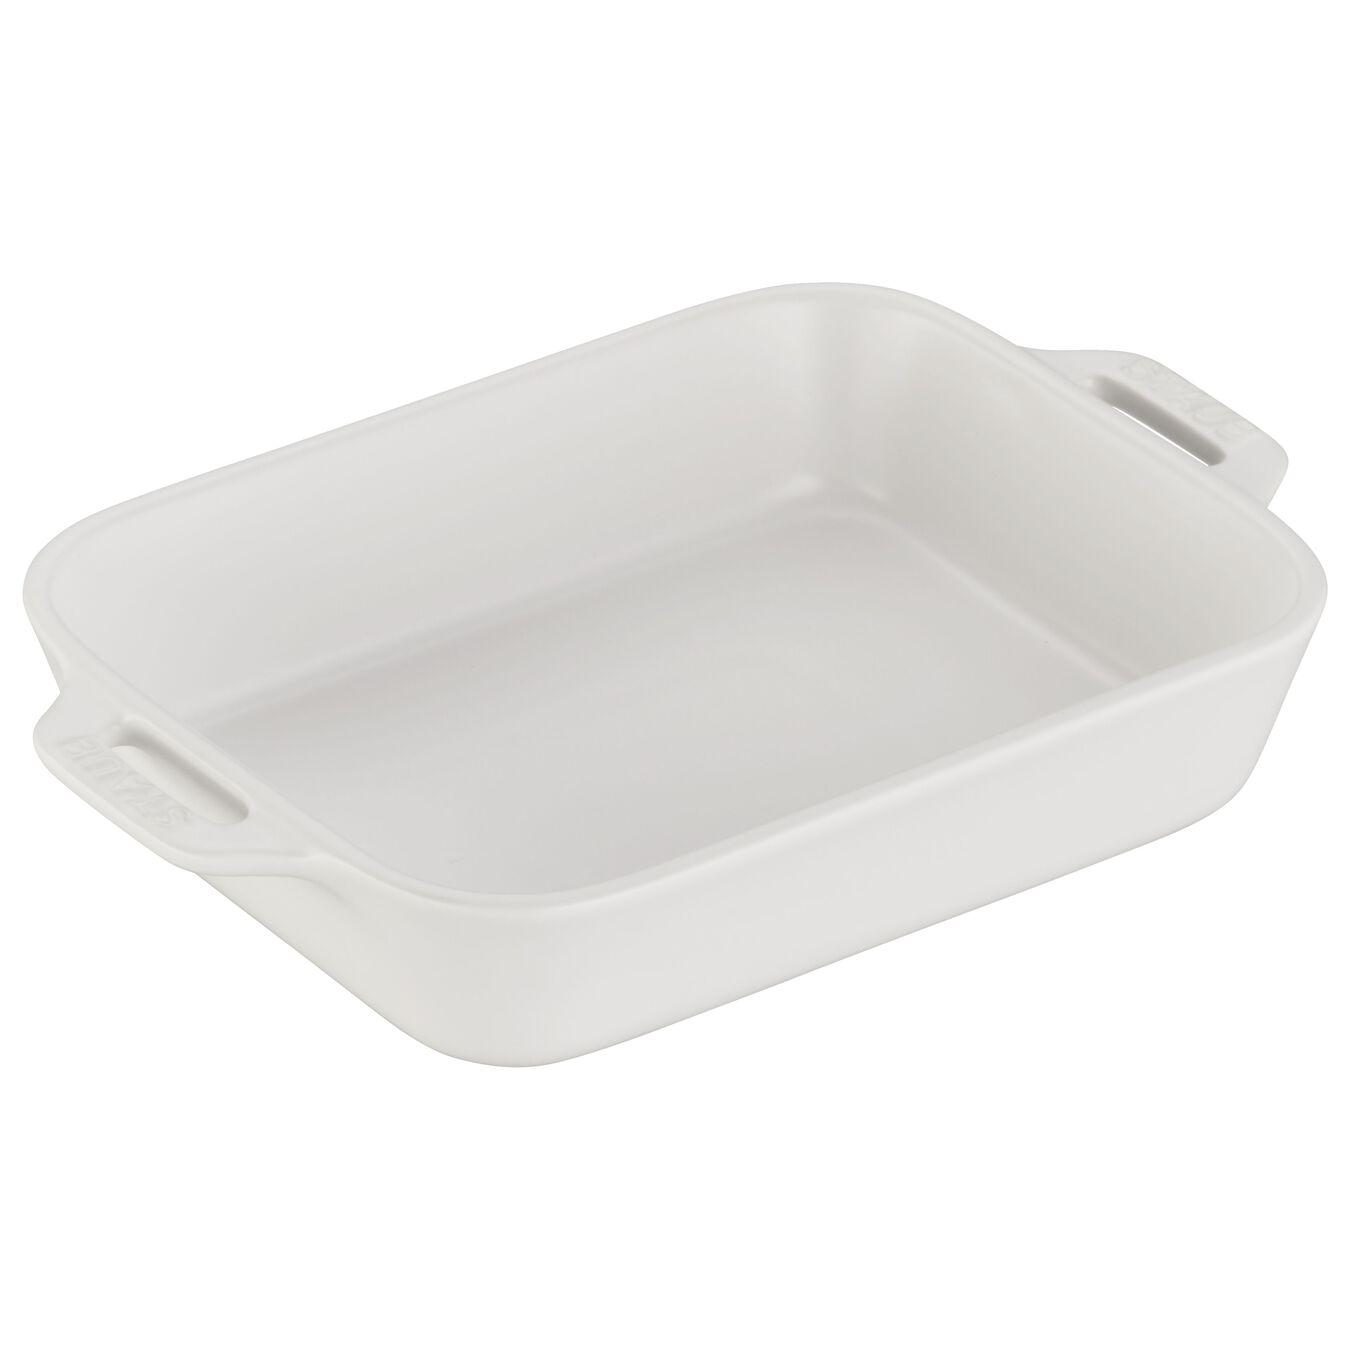 Ceramic rectangular Plat empilable, Matte-White,,large 1